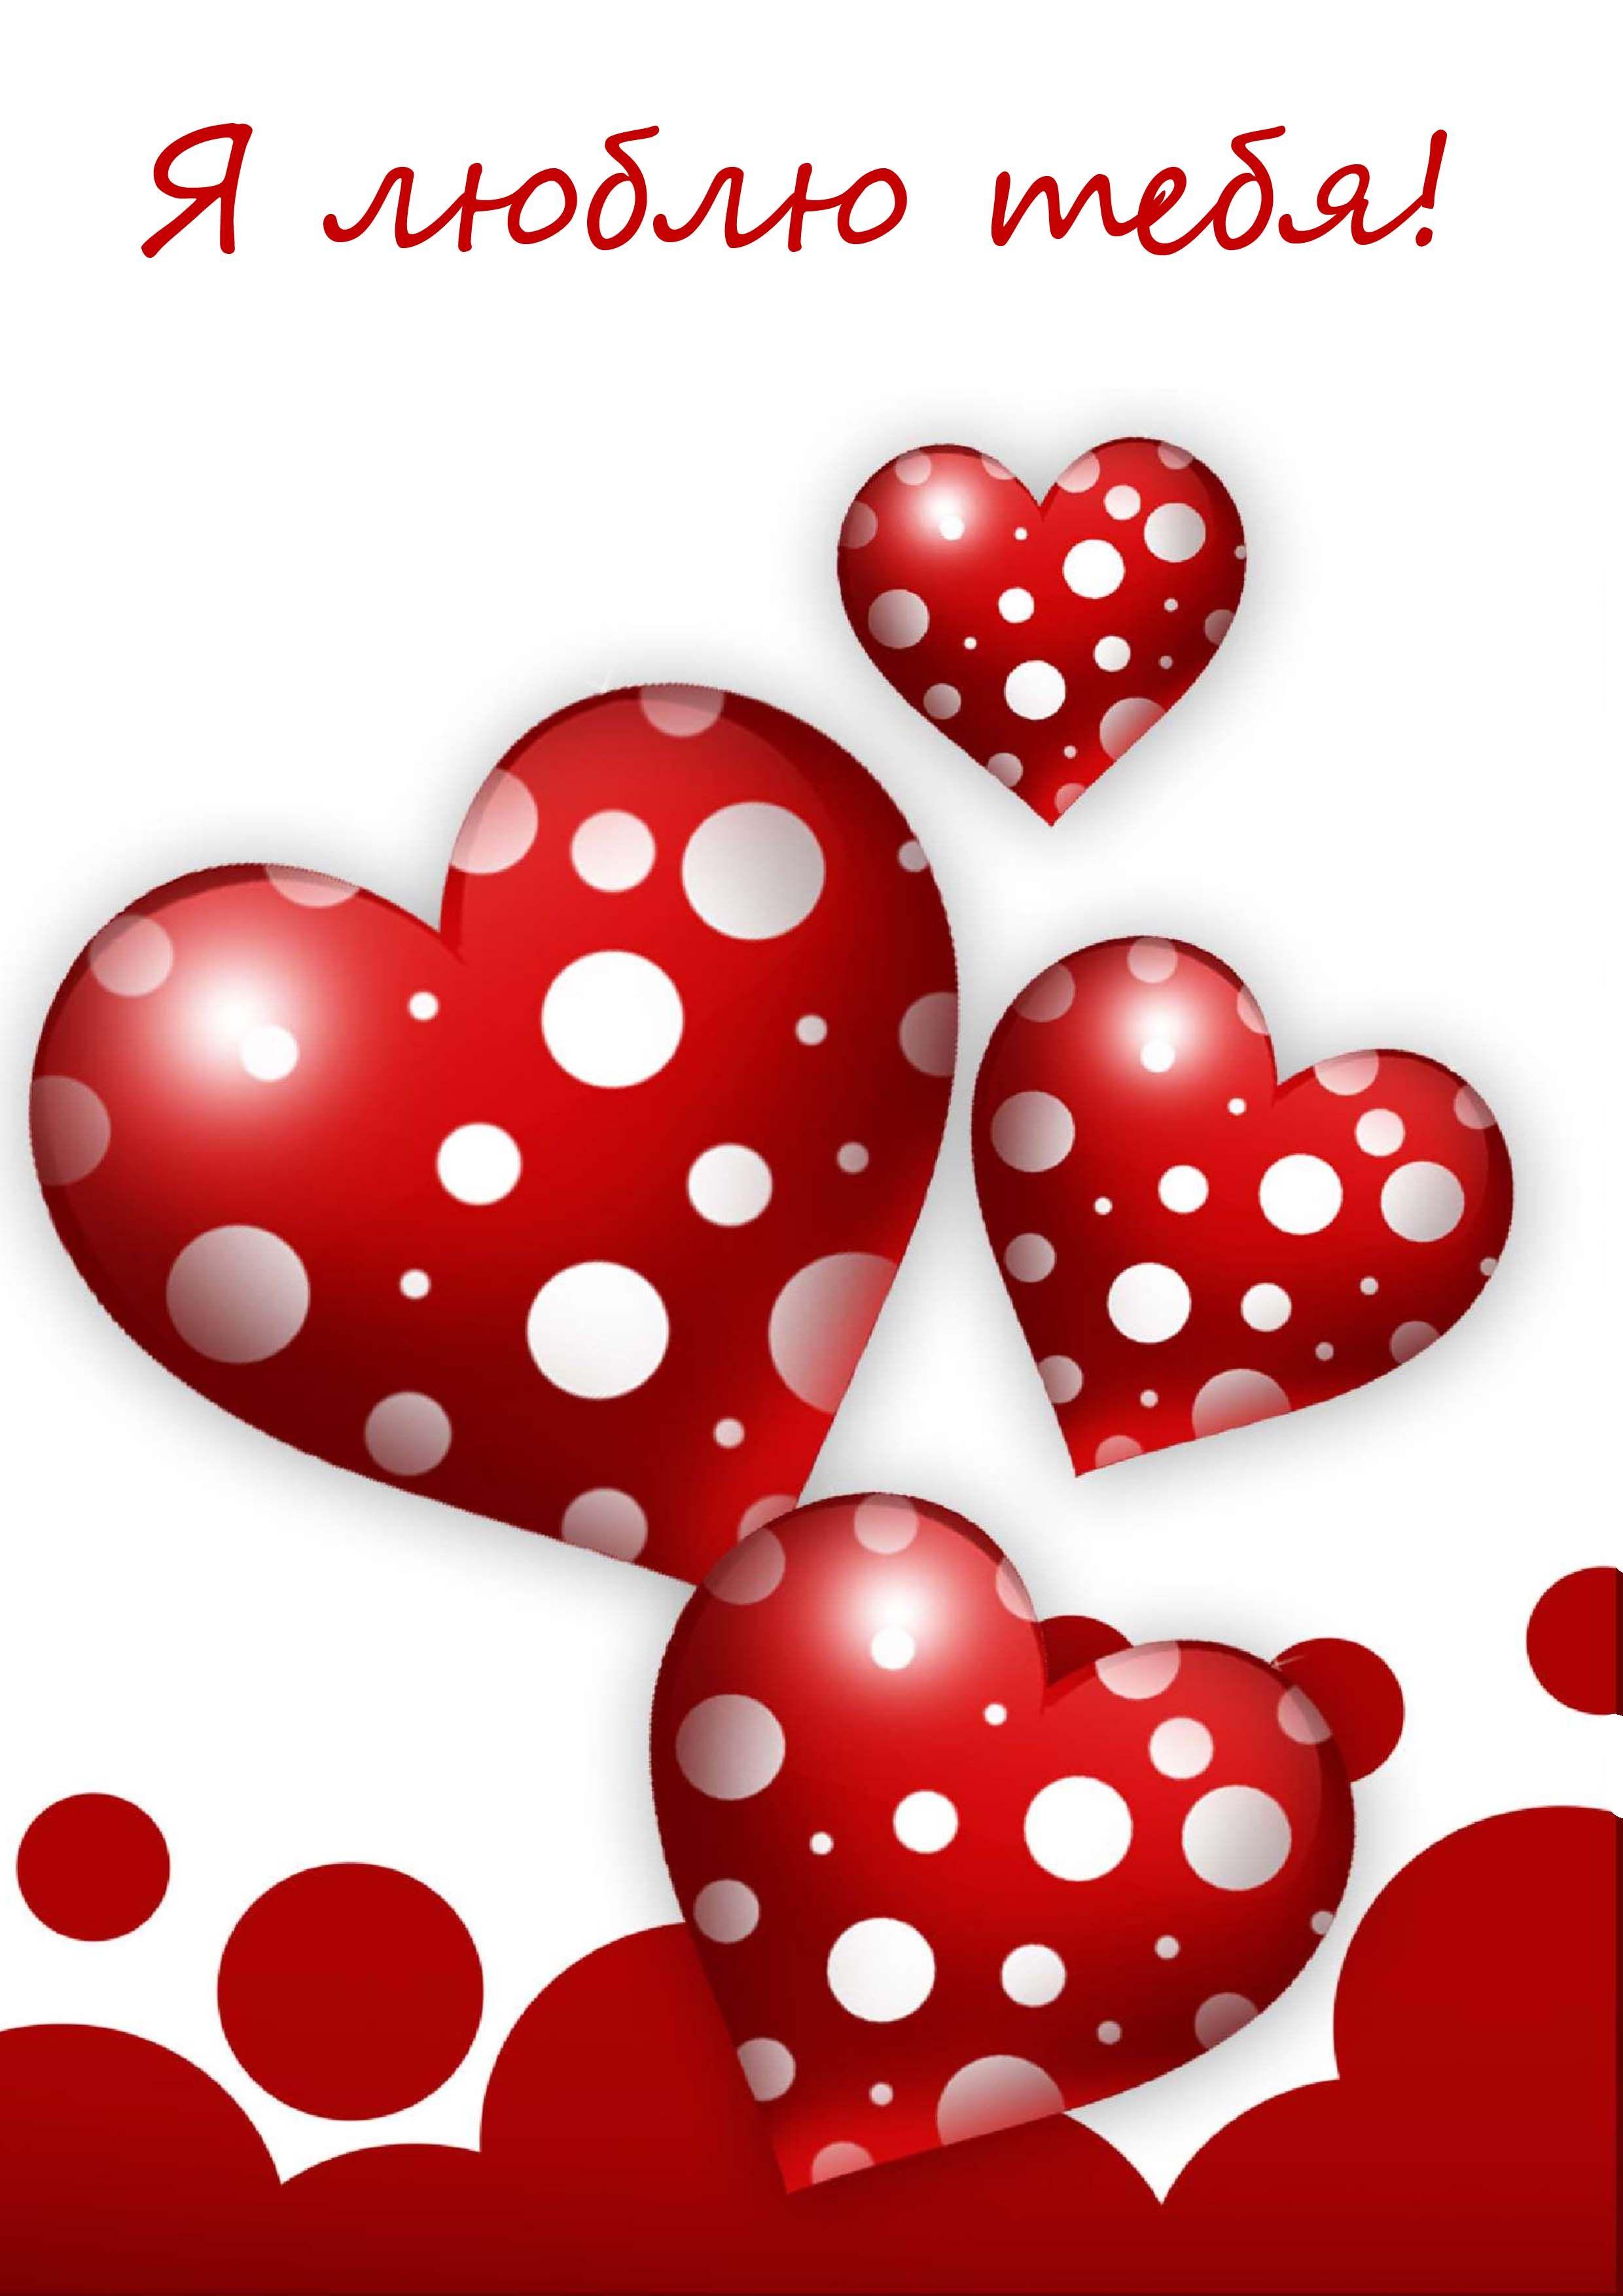 Красивое поздравление любимому ко дню всех влюбленных